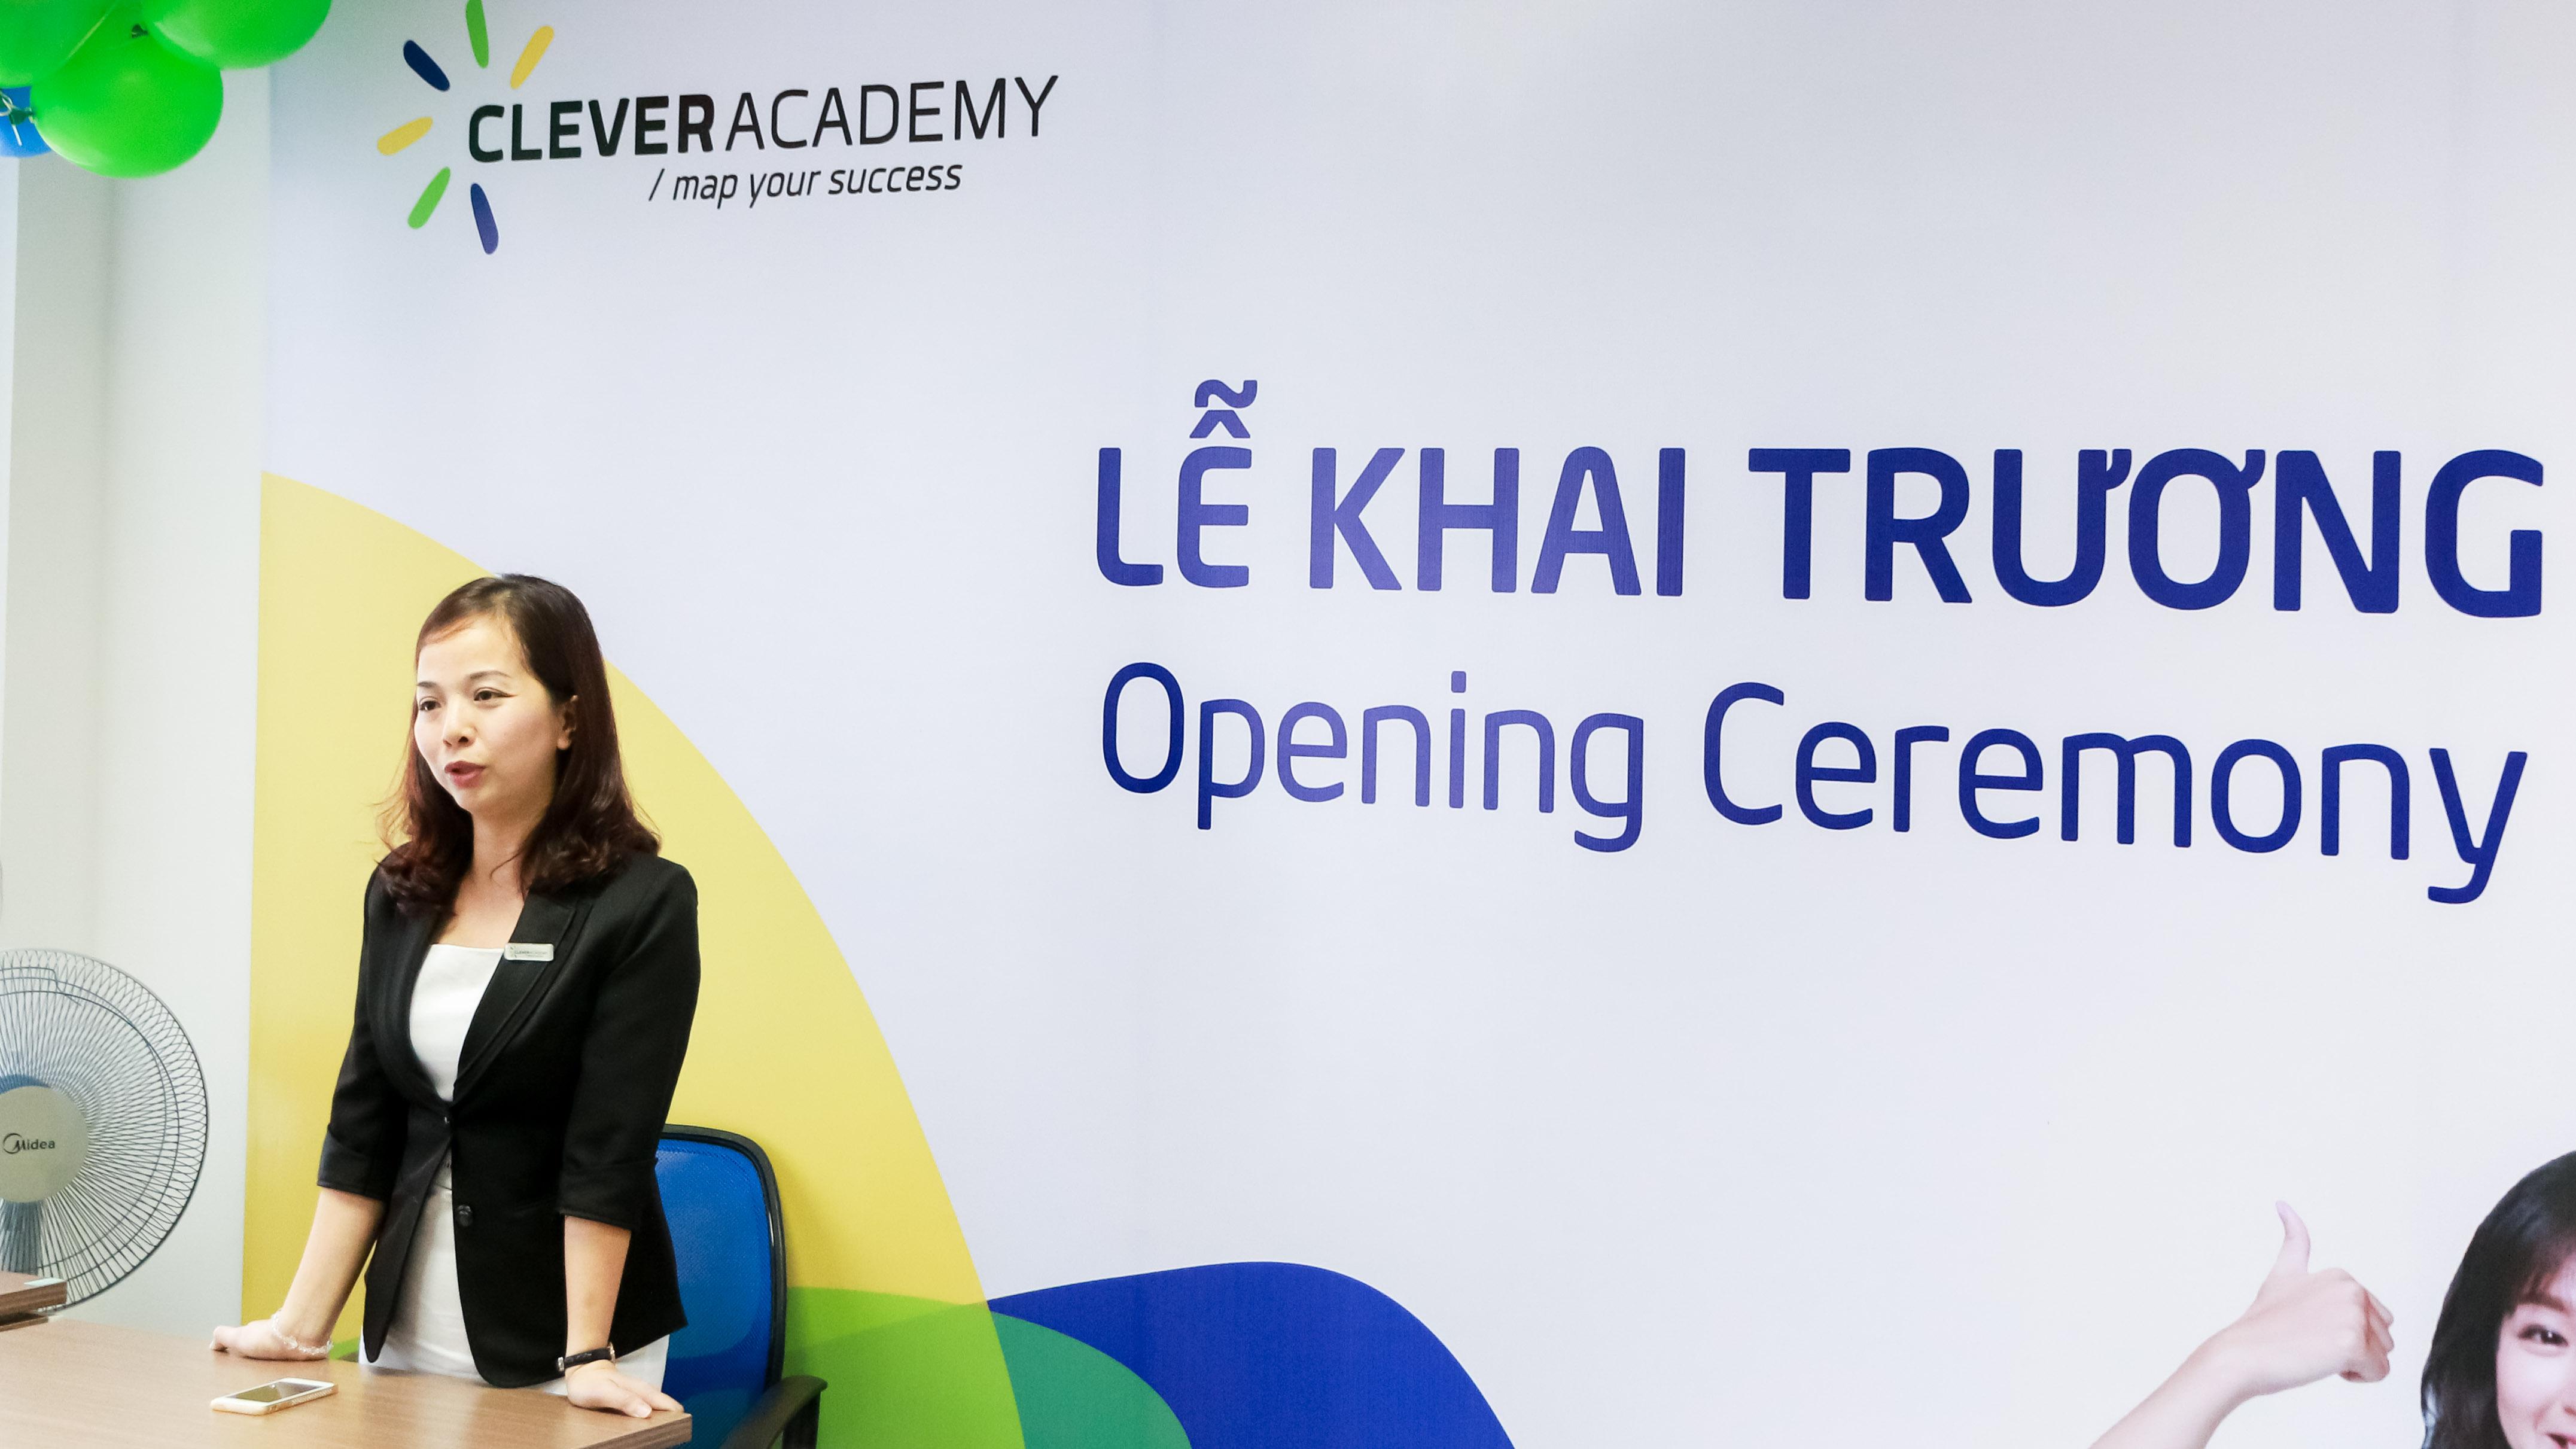 Chị Trần Thanh Ngân, Tổng Giám Đốc của Học viện Anh ngữ Quốc tế Clever Academy